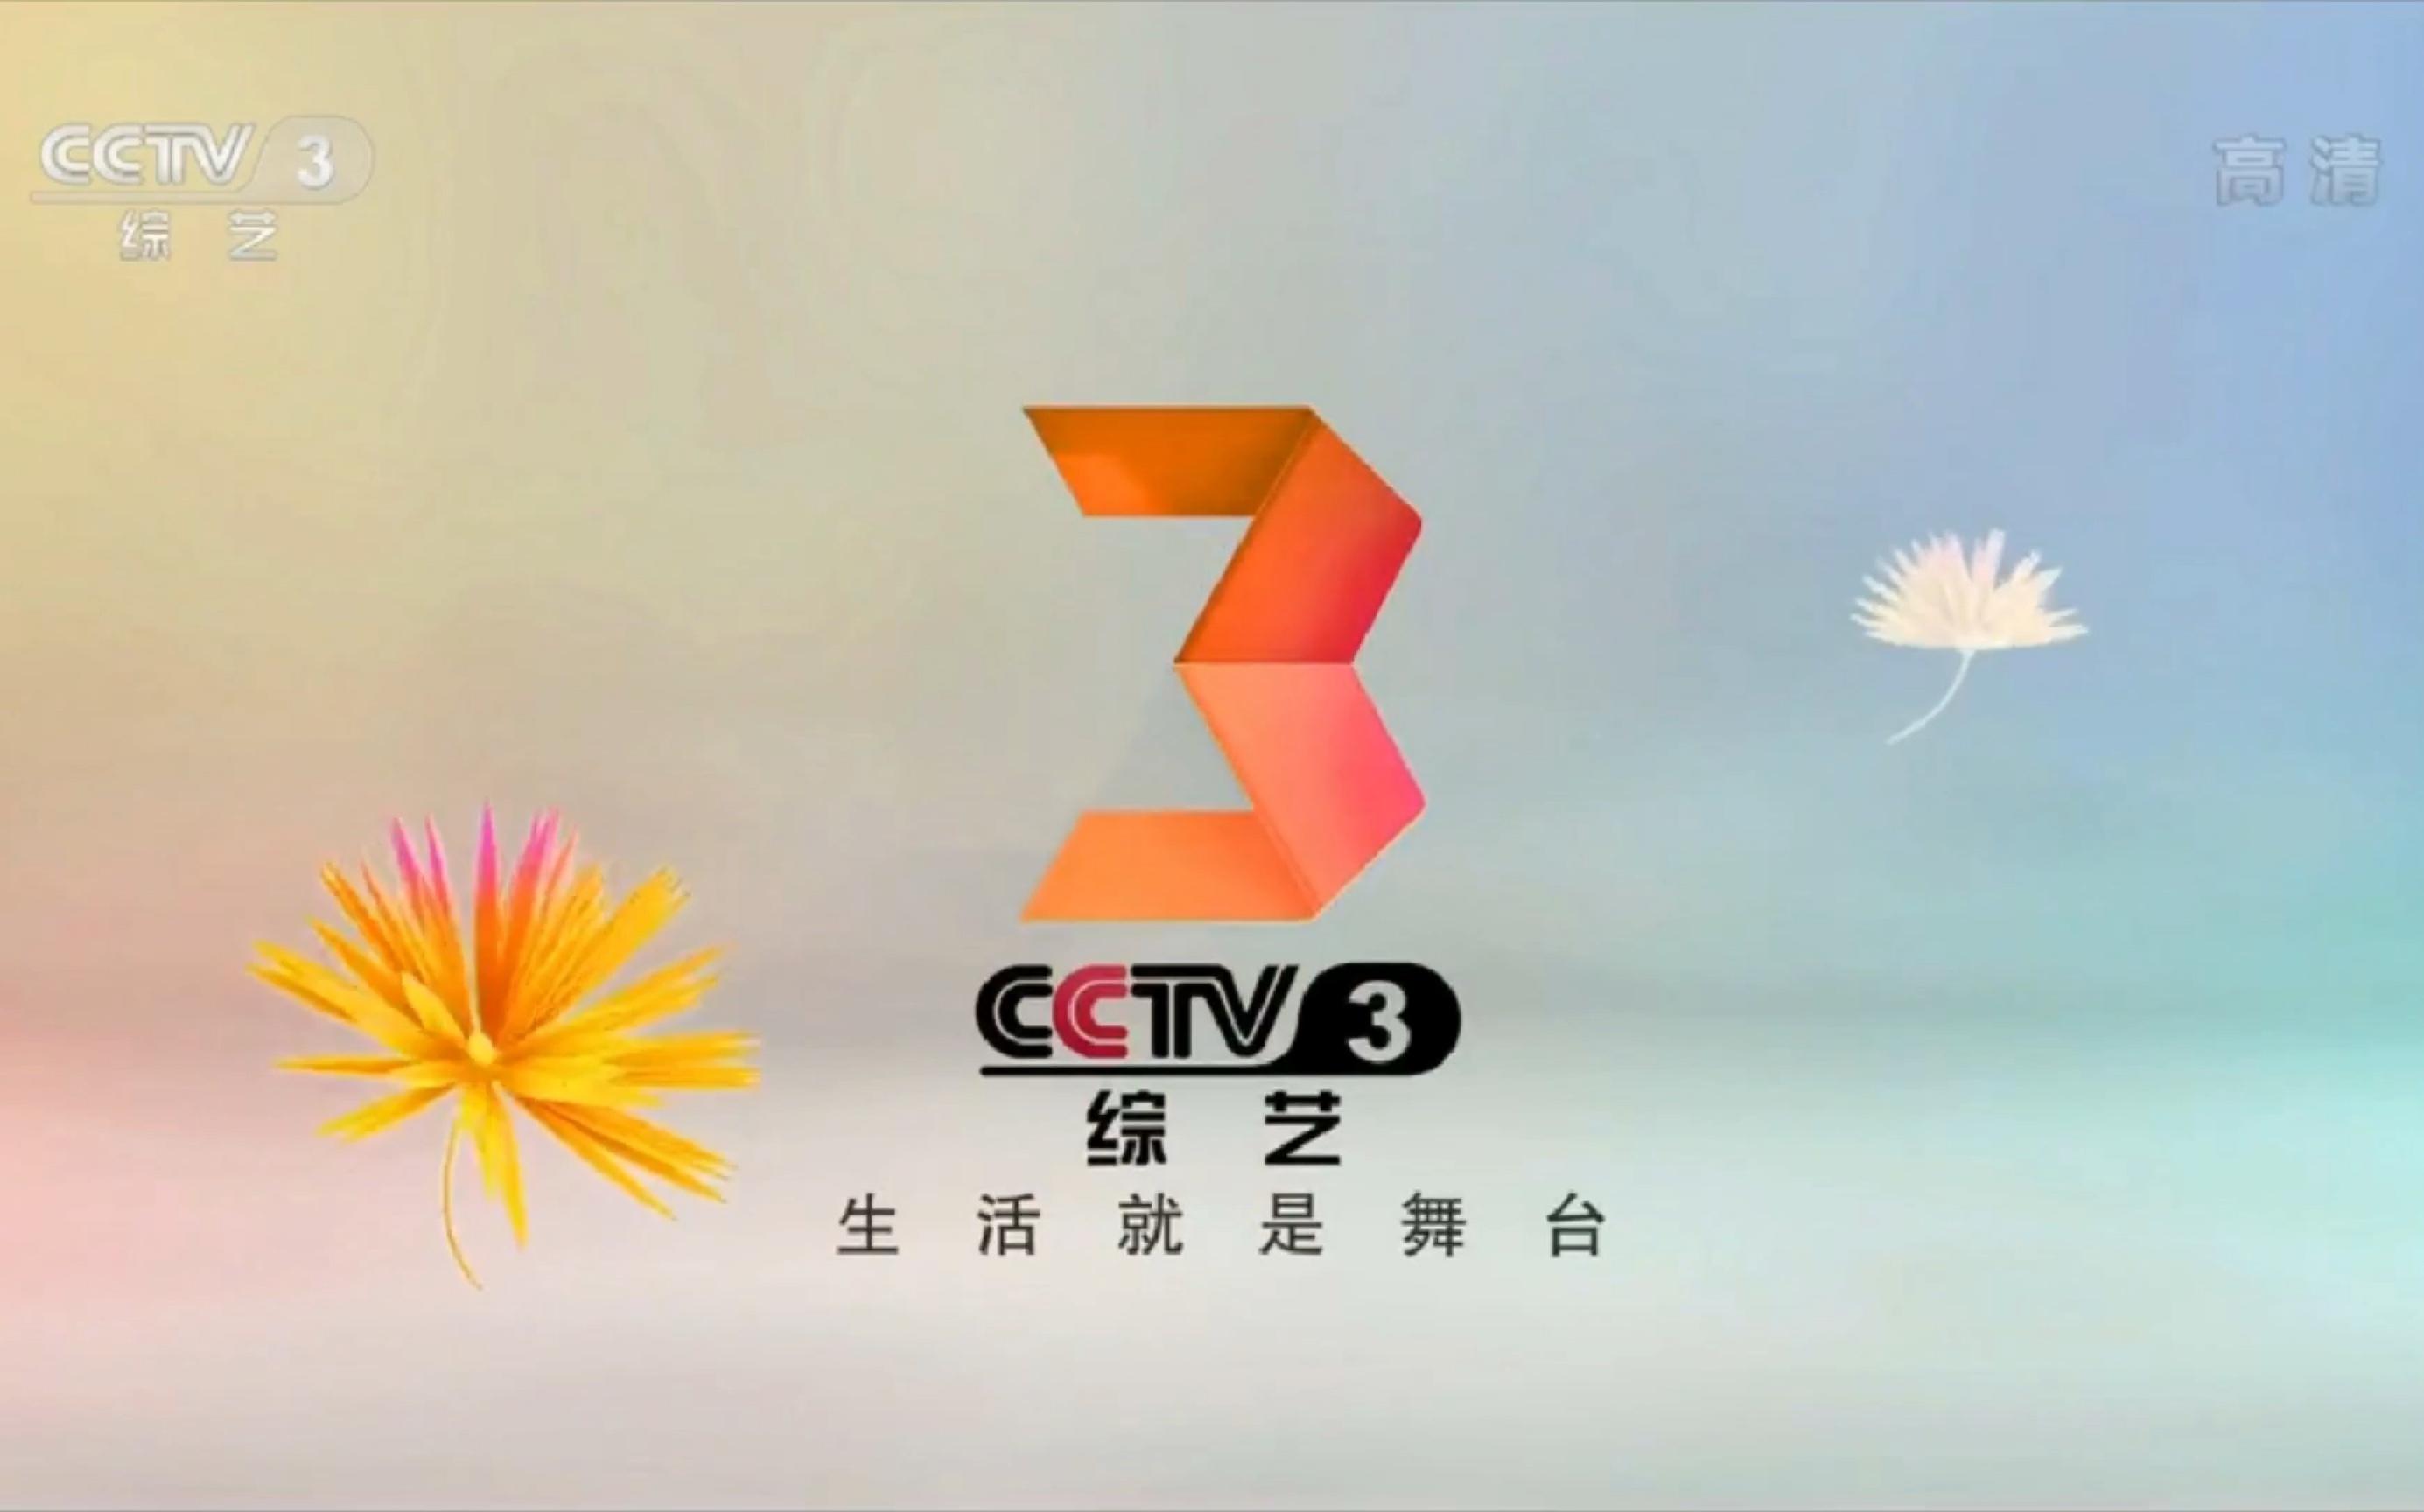 【放送文化】中央广播电视总台央视综艺频道(CCTV-3)节目预告,ID,《综艺喜乐汇》OP,本期精彩(2019.11.23)